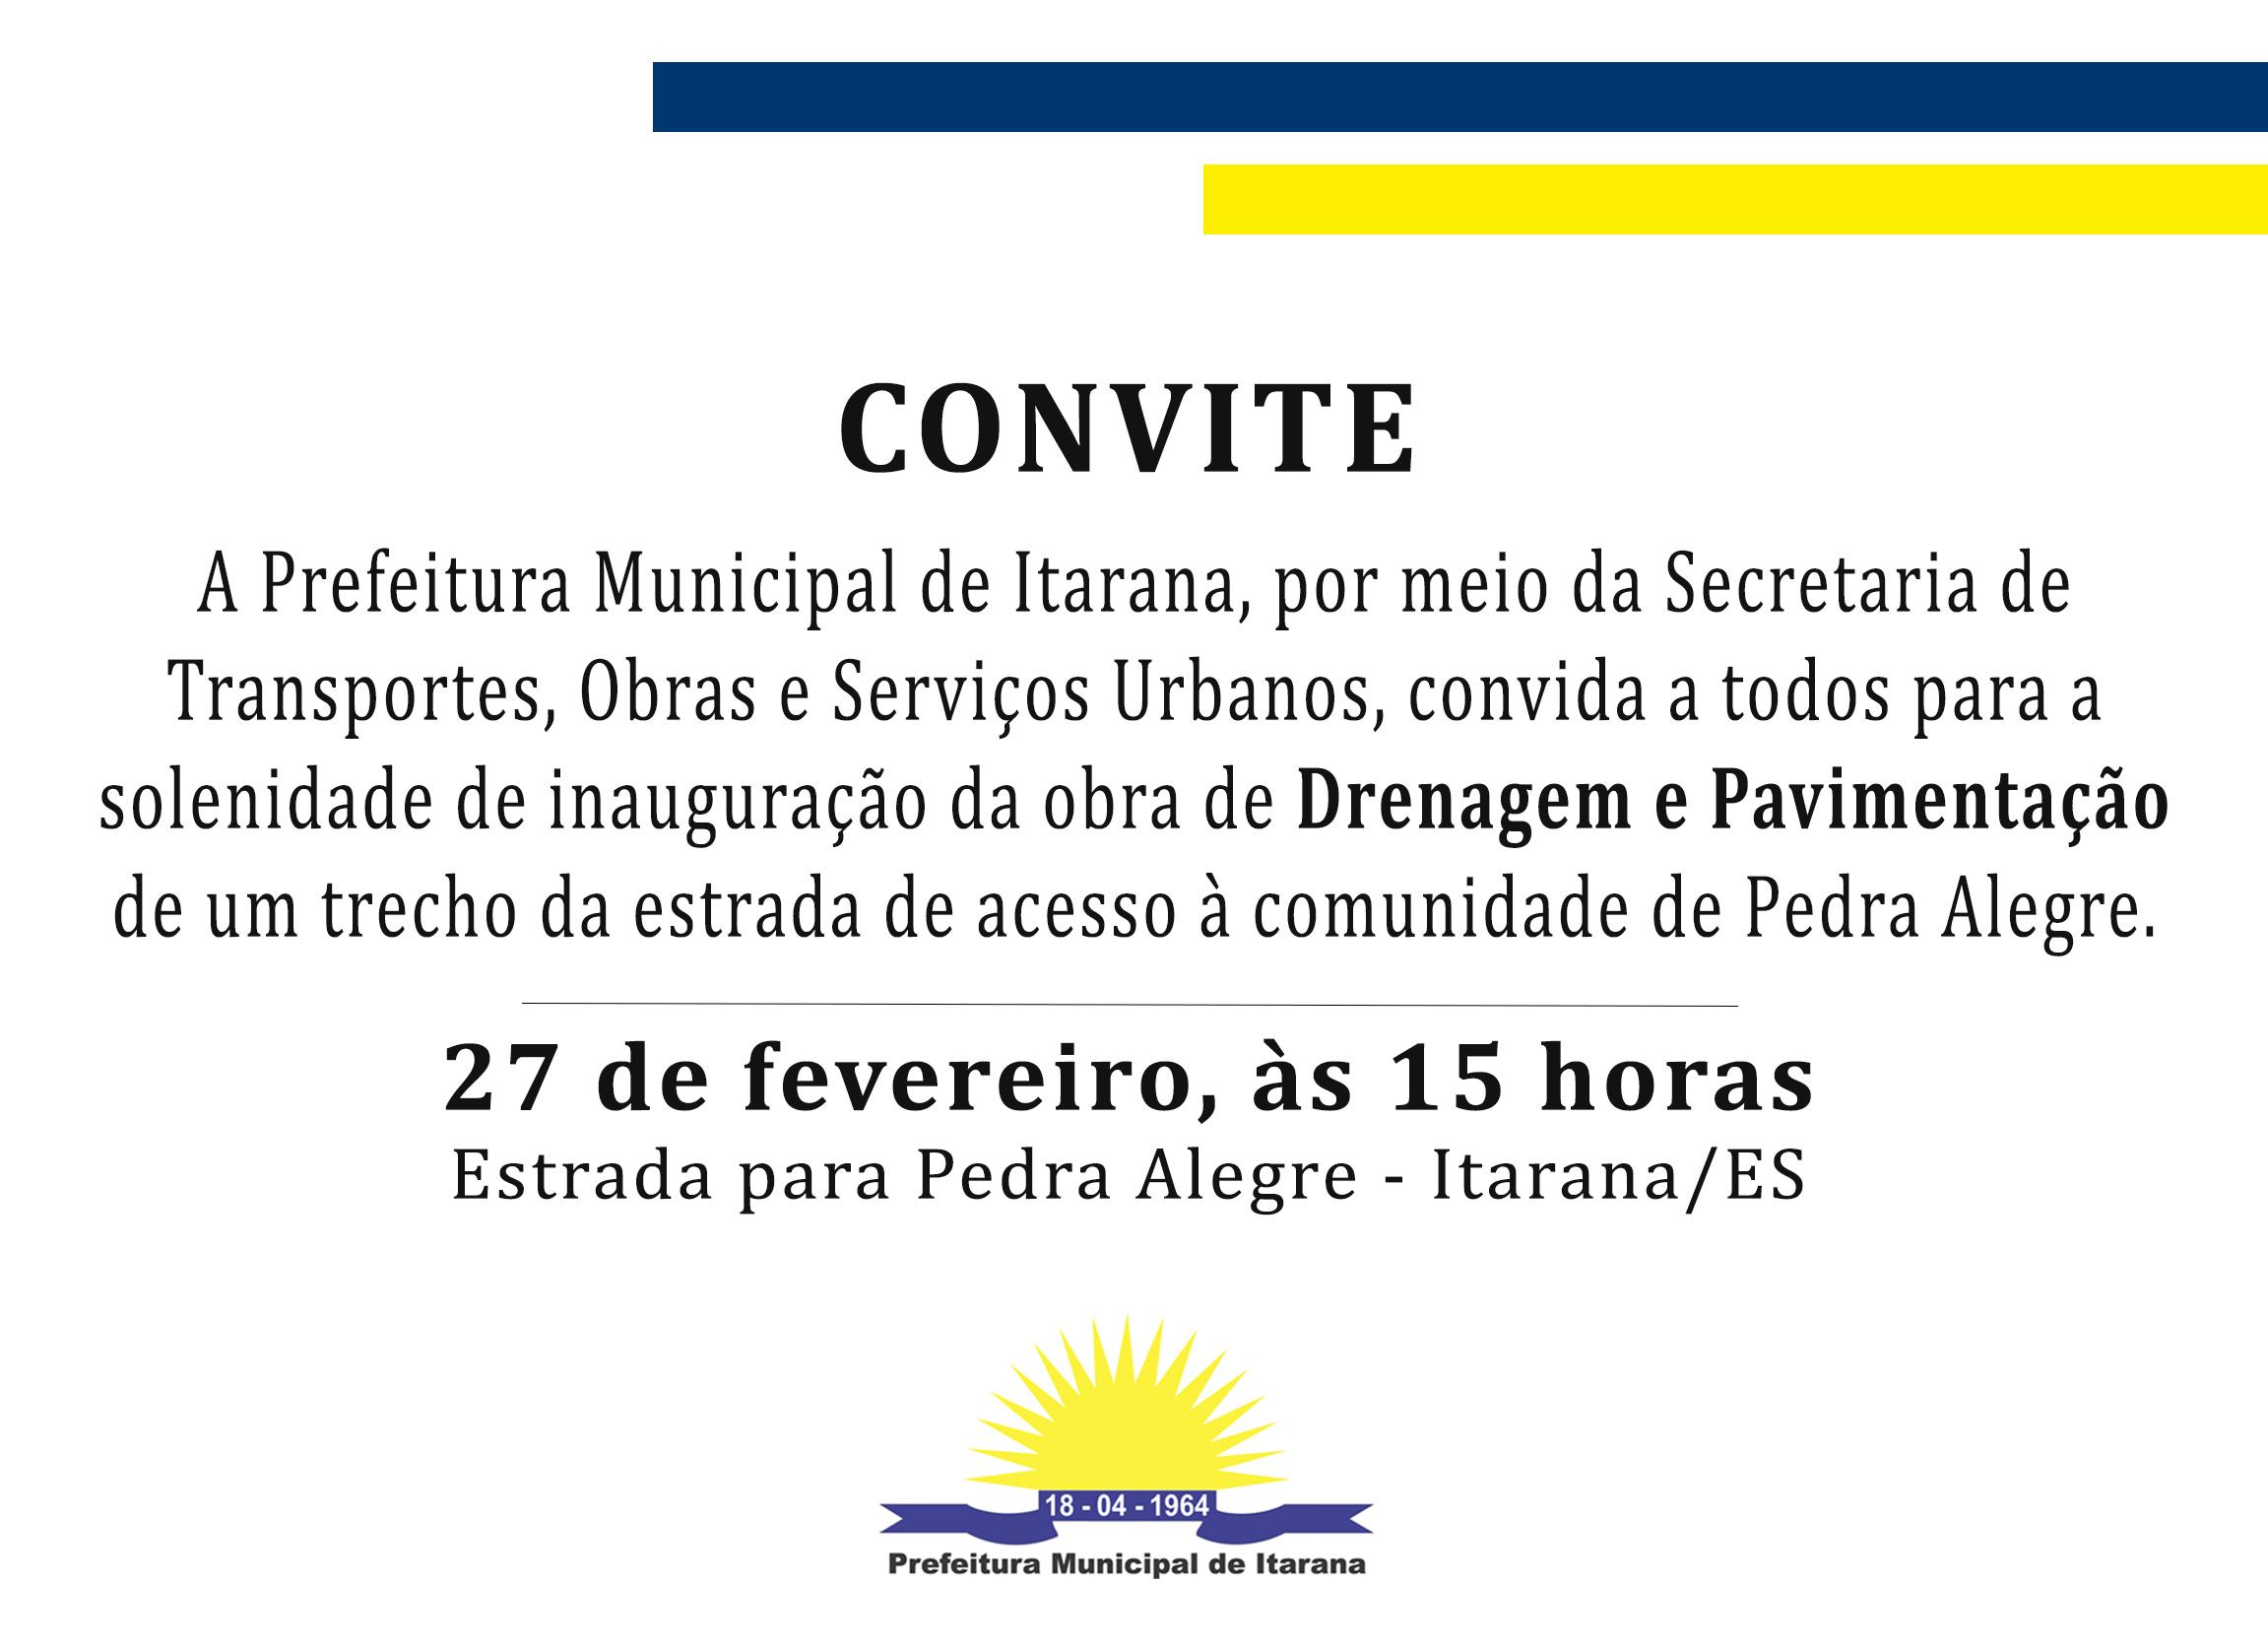 Convite: Inauguração de pavimentação e drenagem em um trecho da estrada de acesso à Pedra Alegre